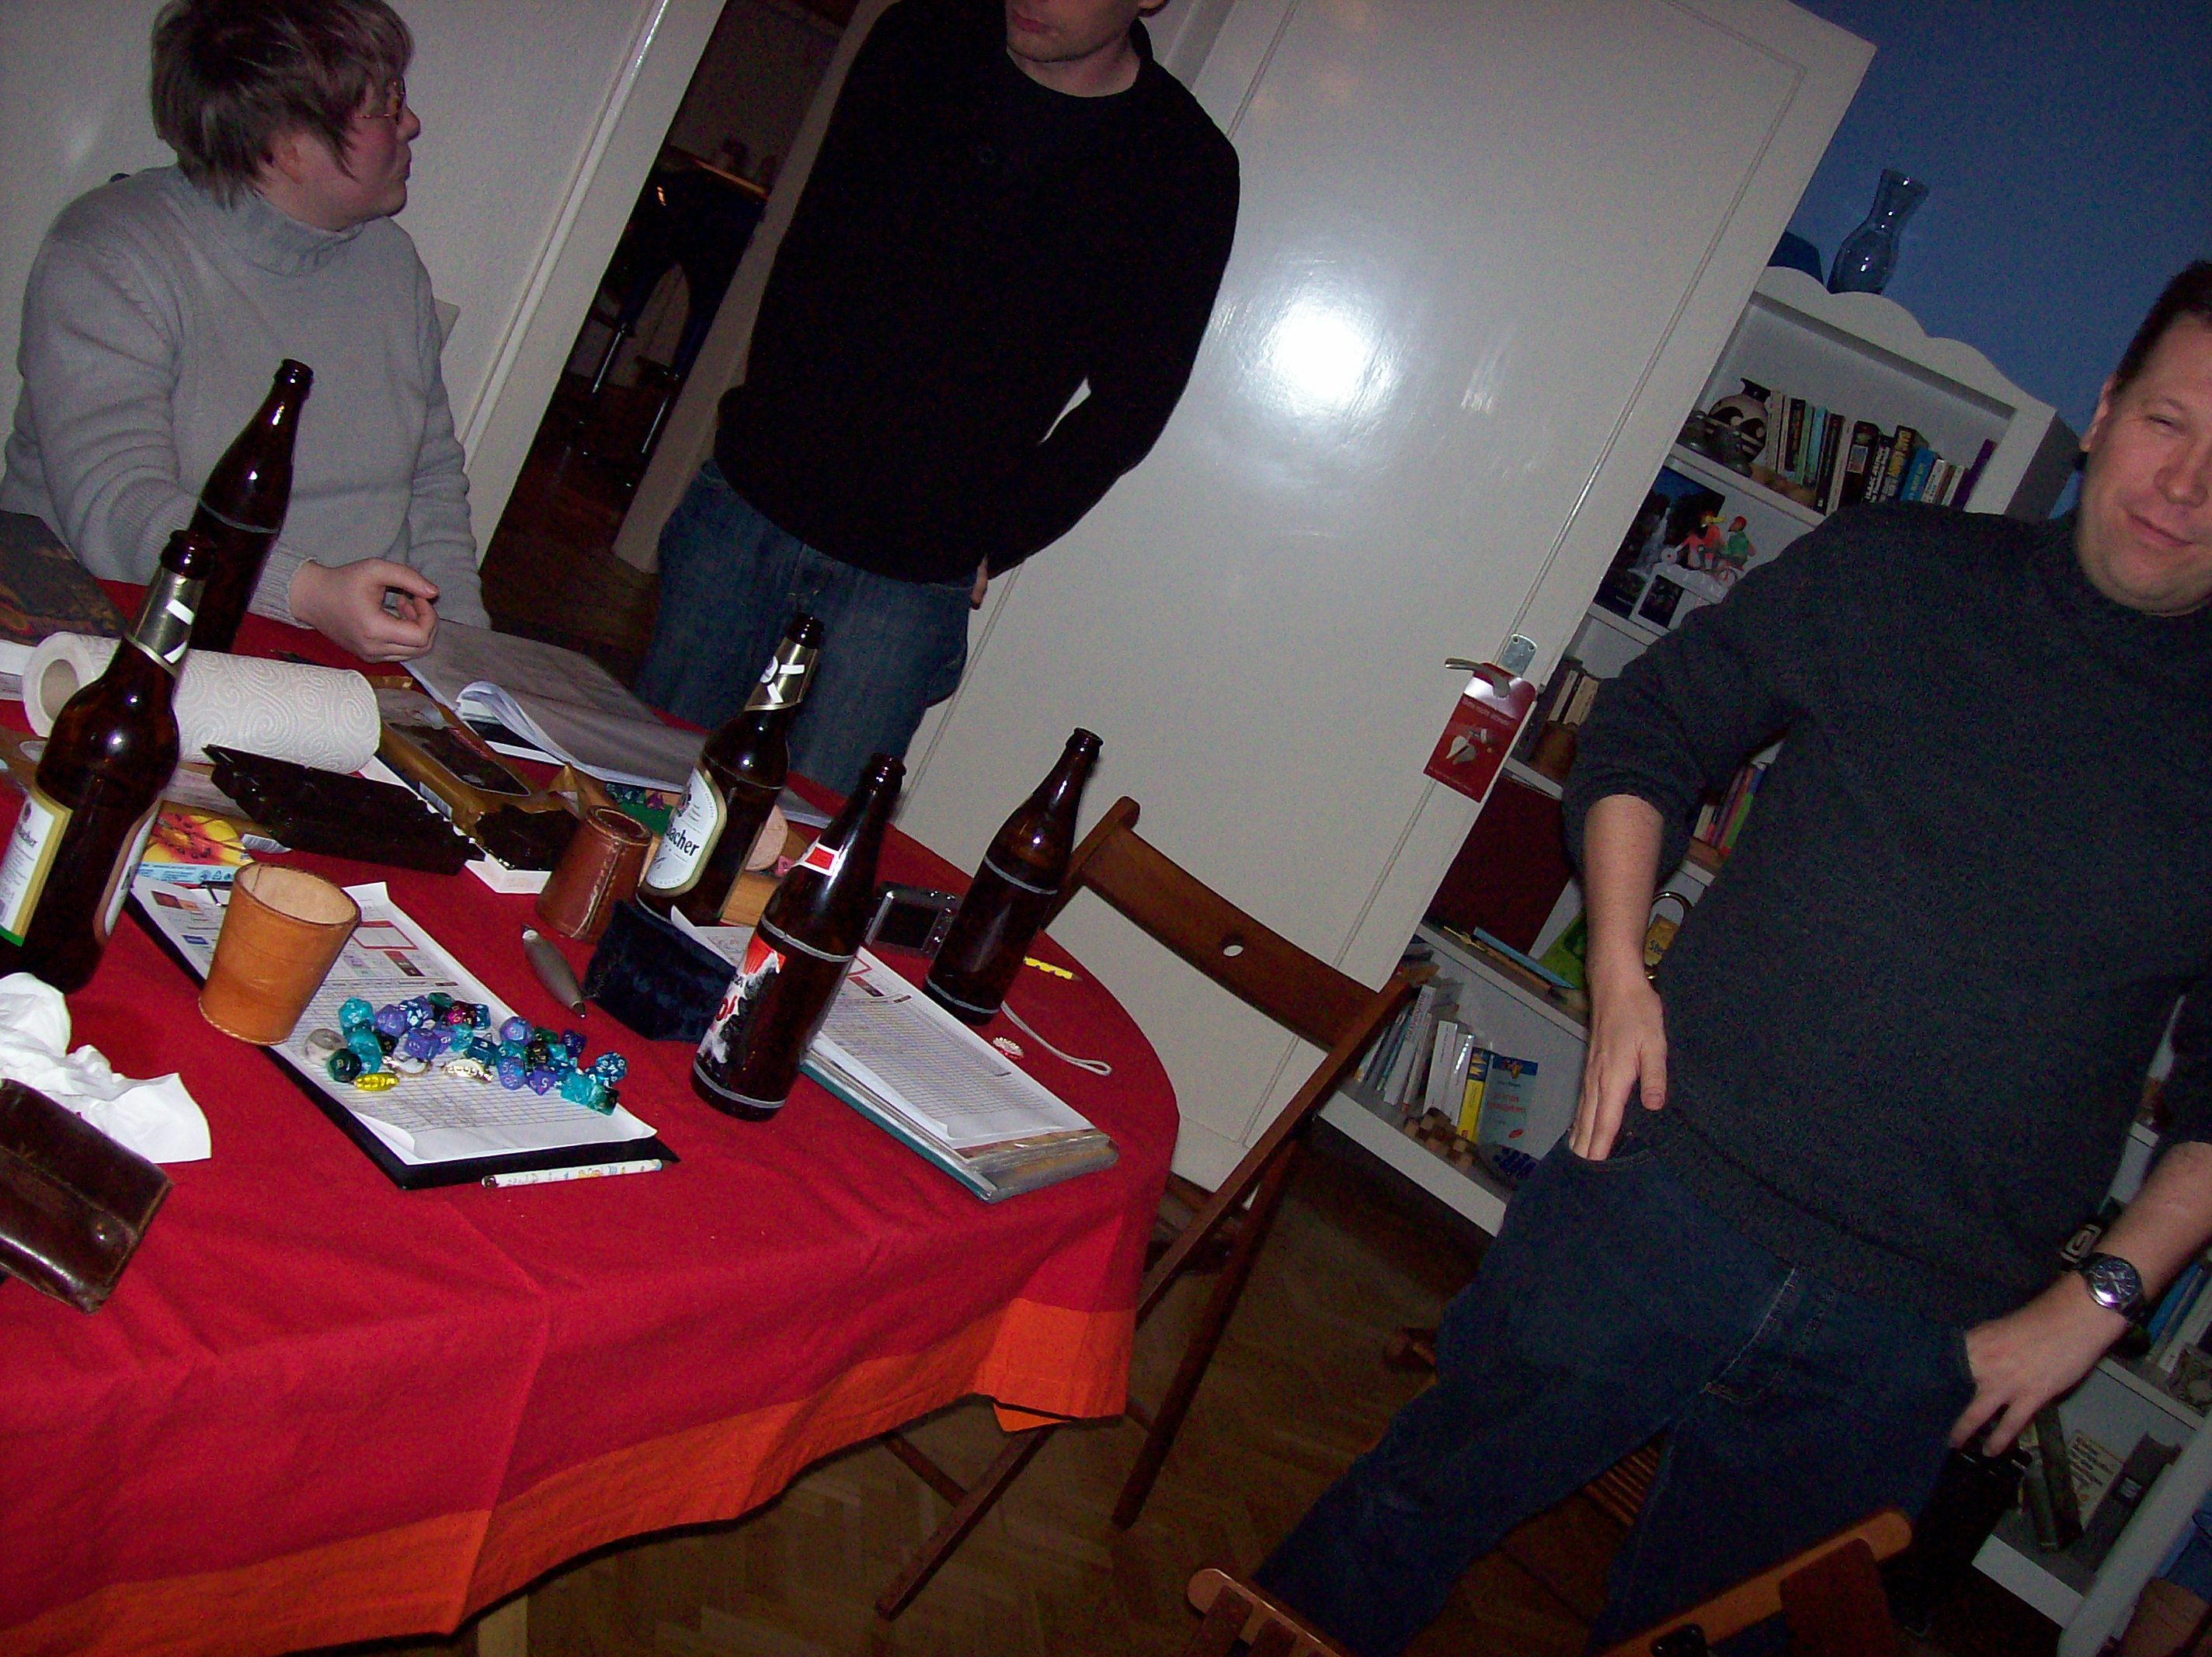 http://www.earthdawn-wiki.de/files/rpwe2/100_0772.jpg